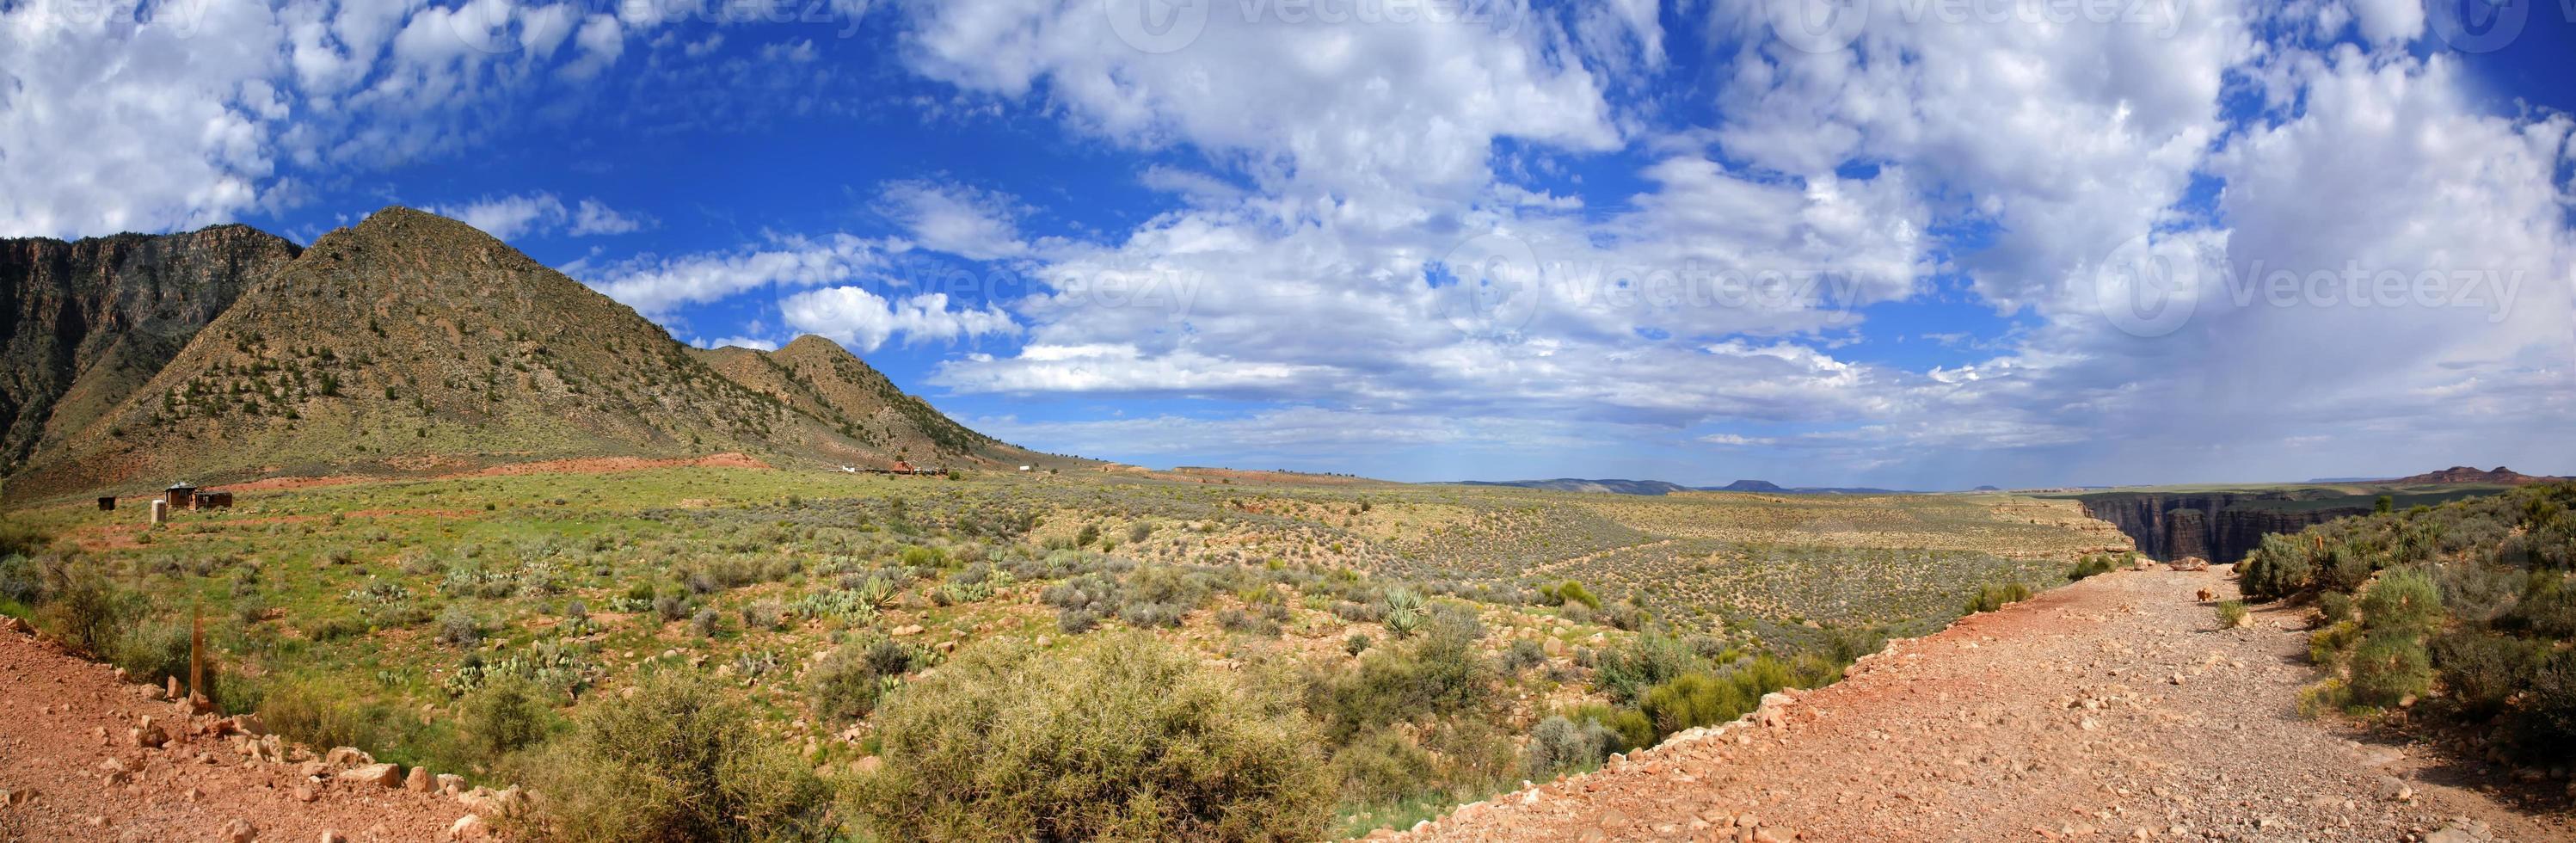 deserto dell'Arizona - Stati Uniti foto